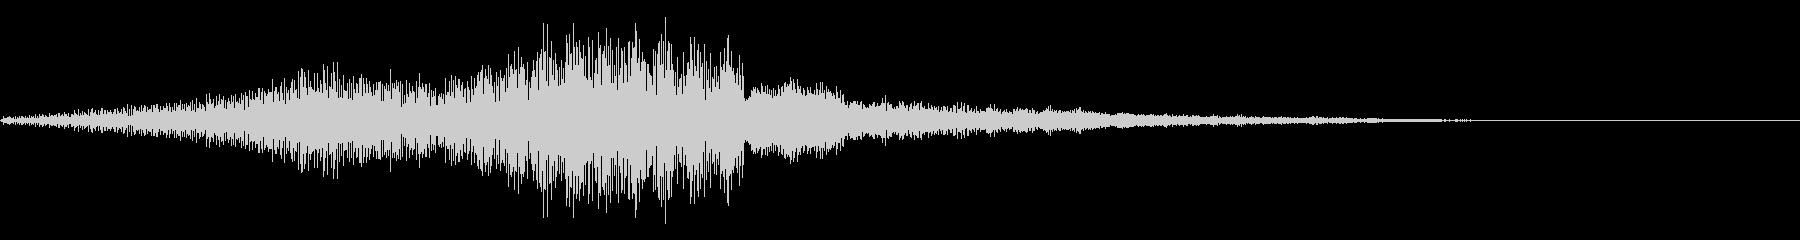 ゲームオーバー(ホラー・ノイズ)3の未再生の波形